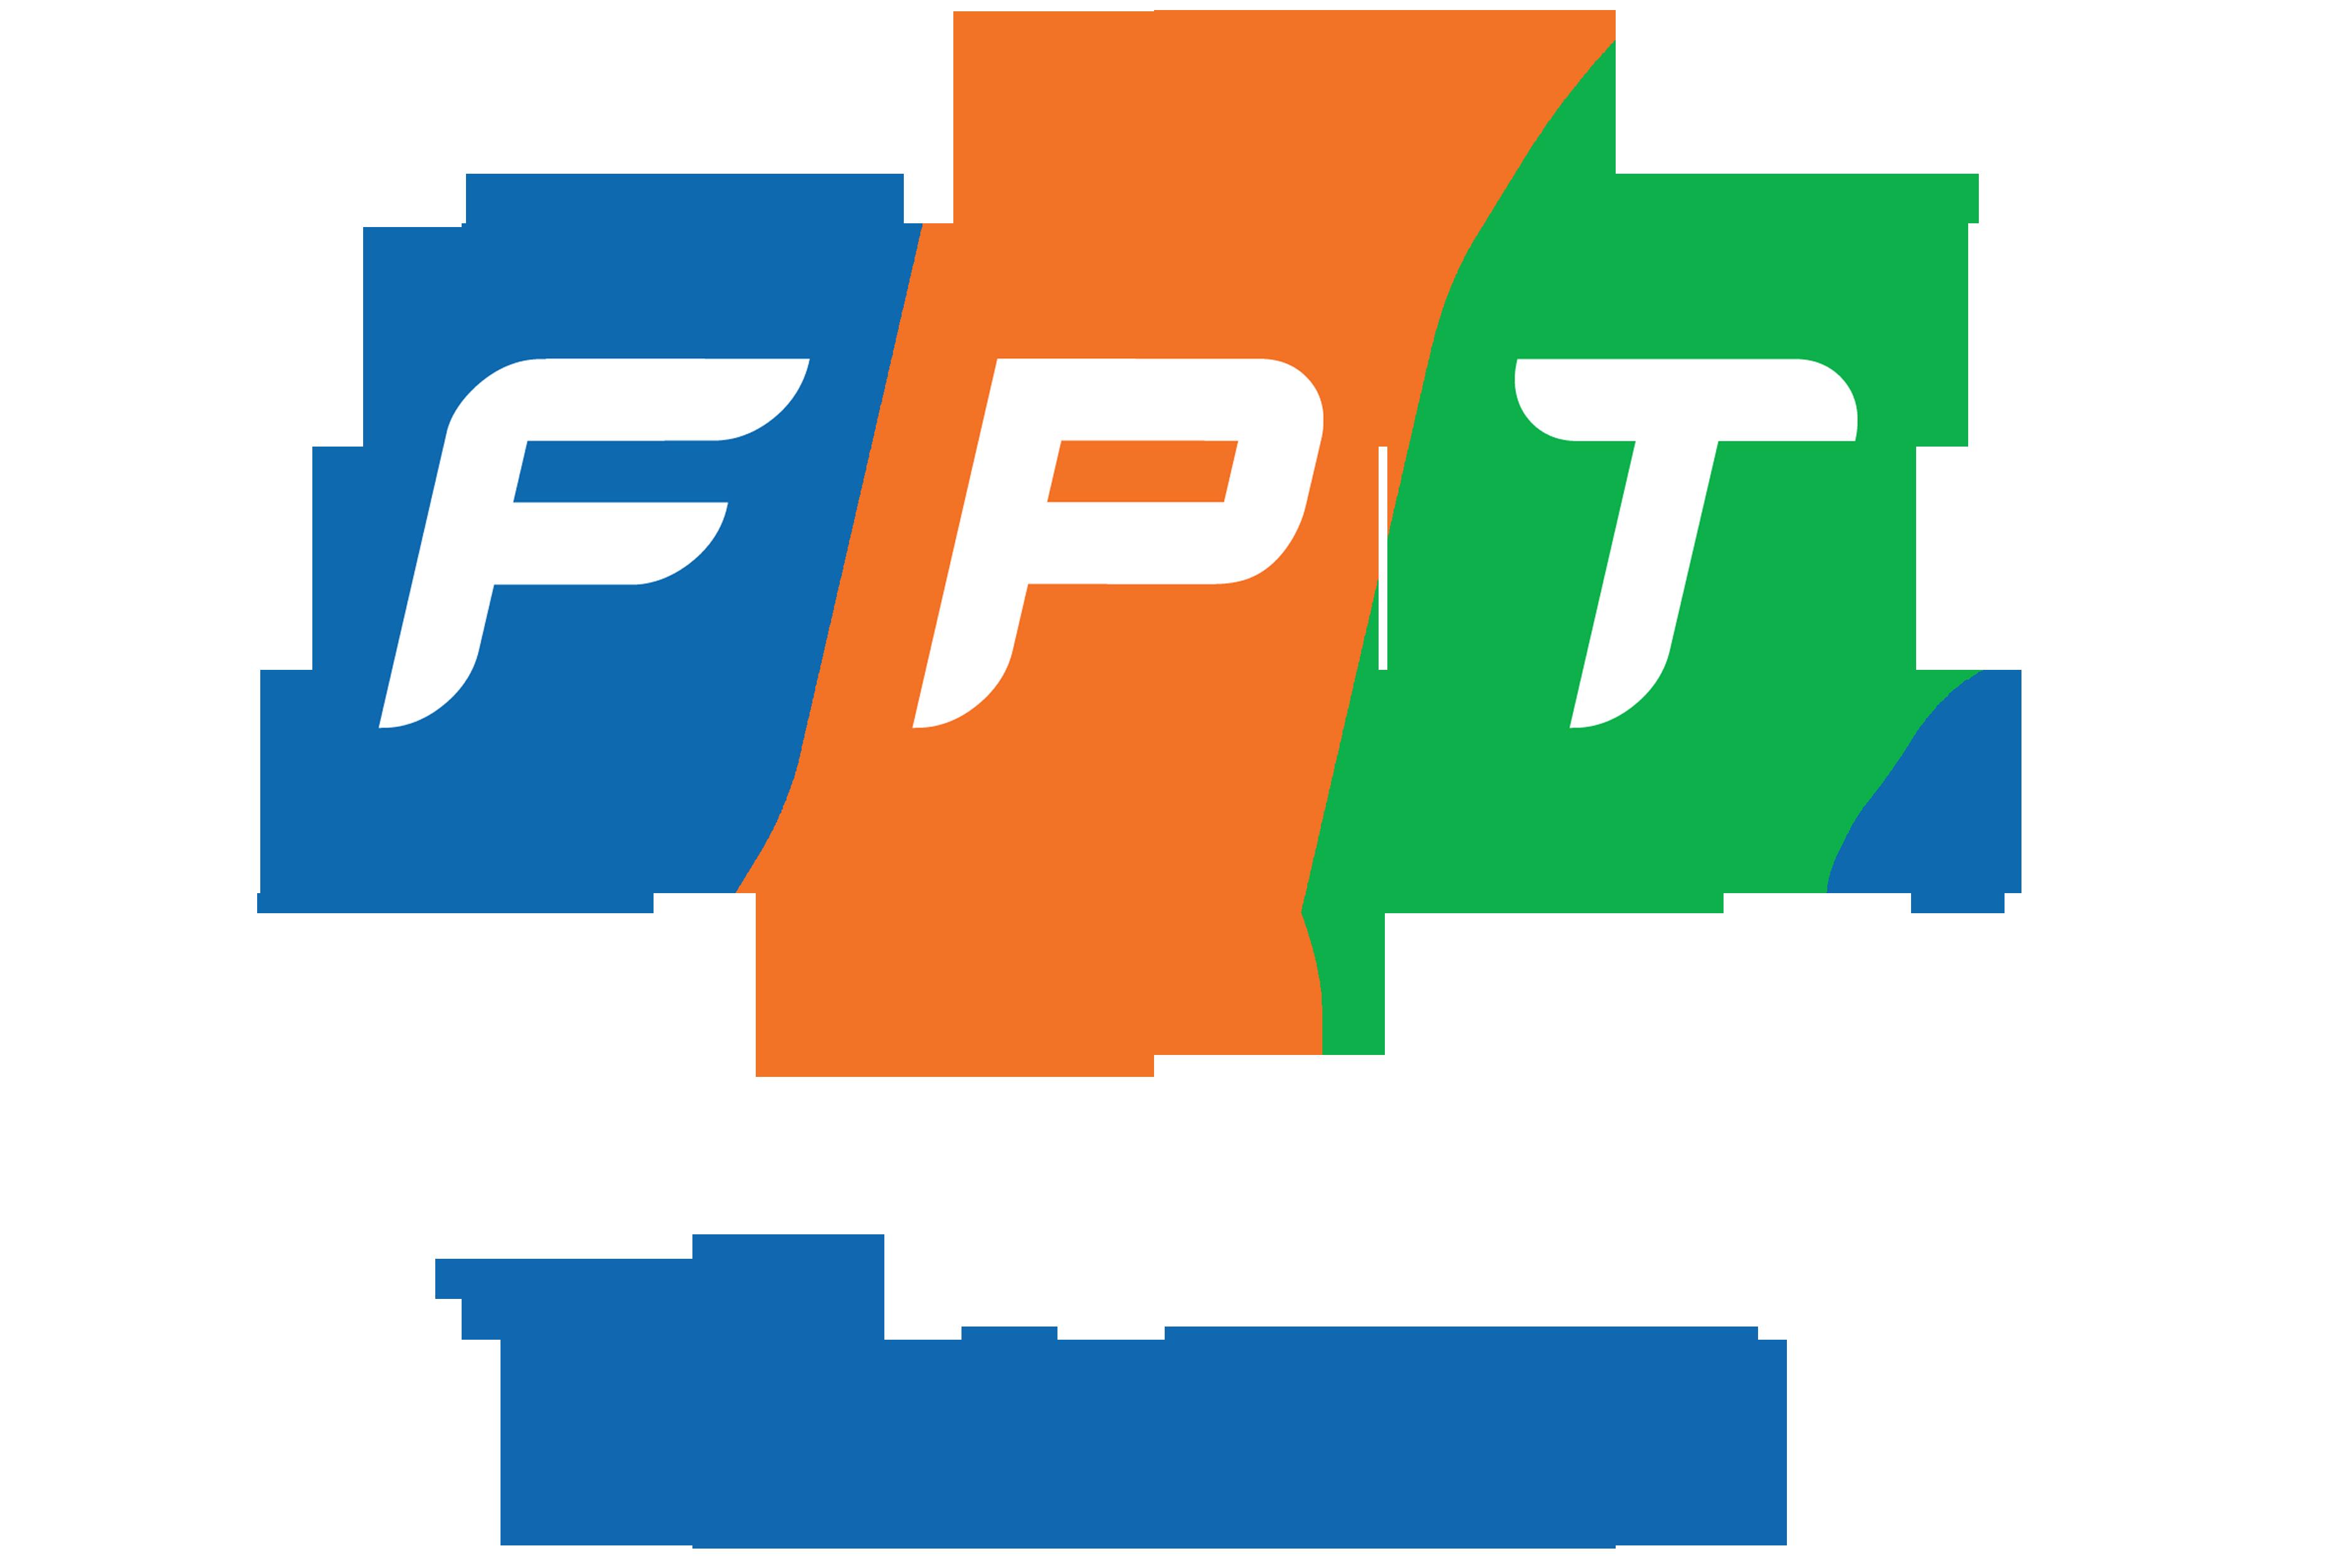 Logo Chi nhánh vĩnh long - công ty cổ phần viễn thông fpt